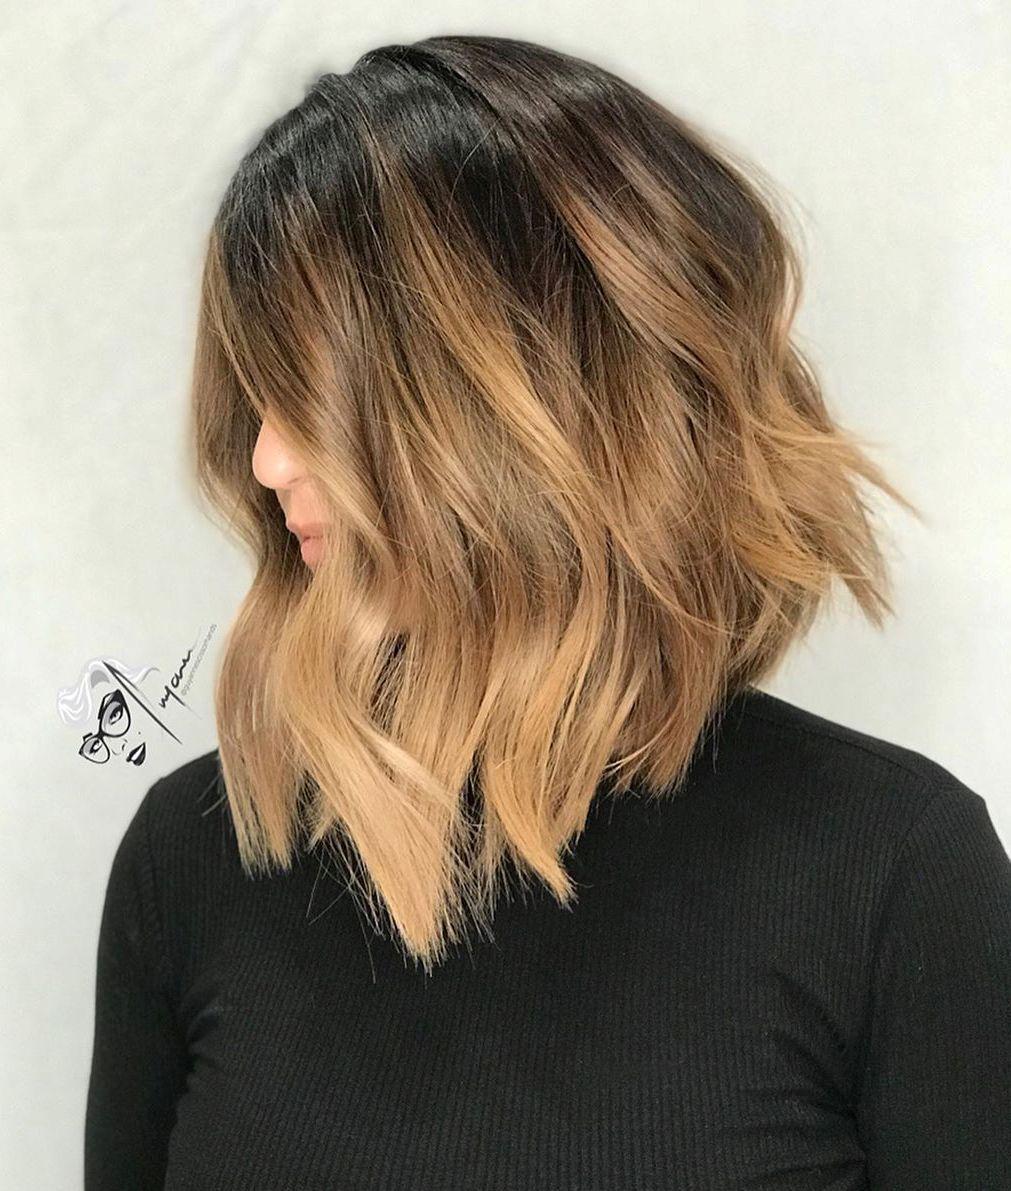 Taglio di capelli A-Line con onde